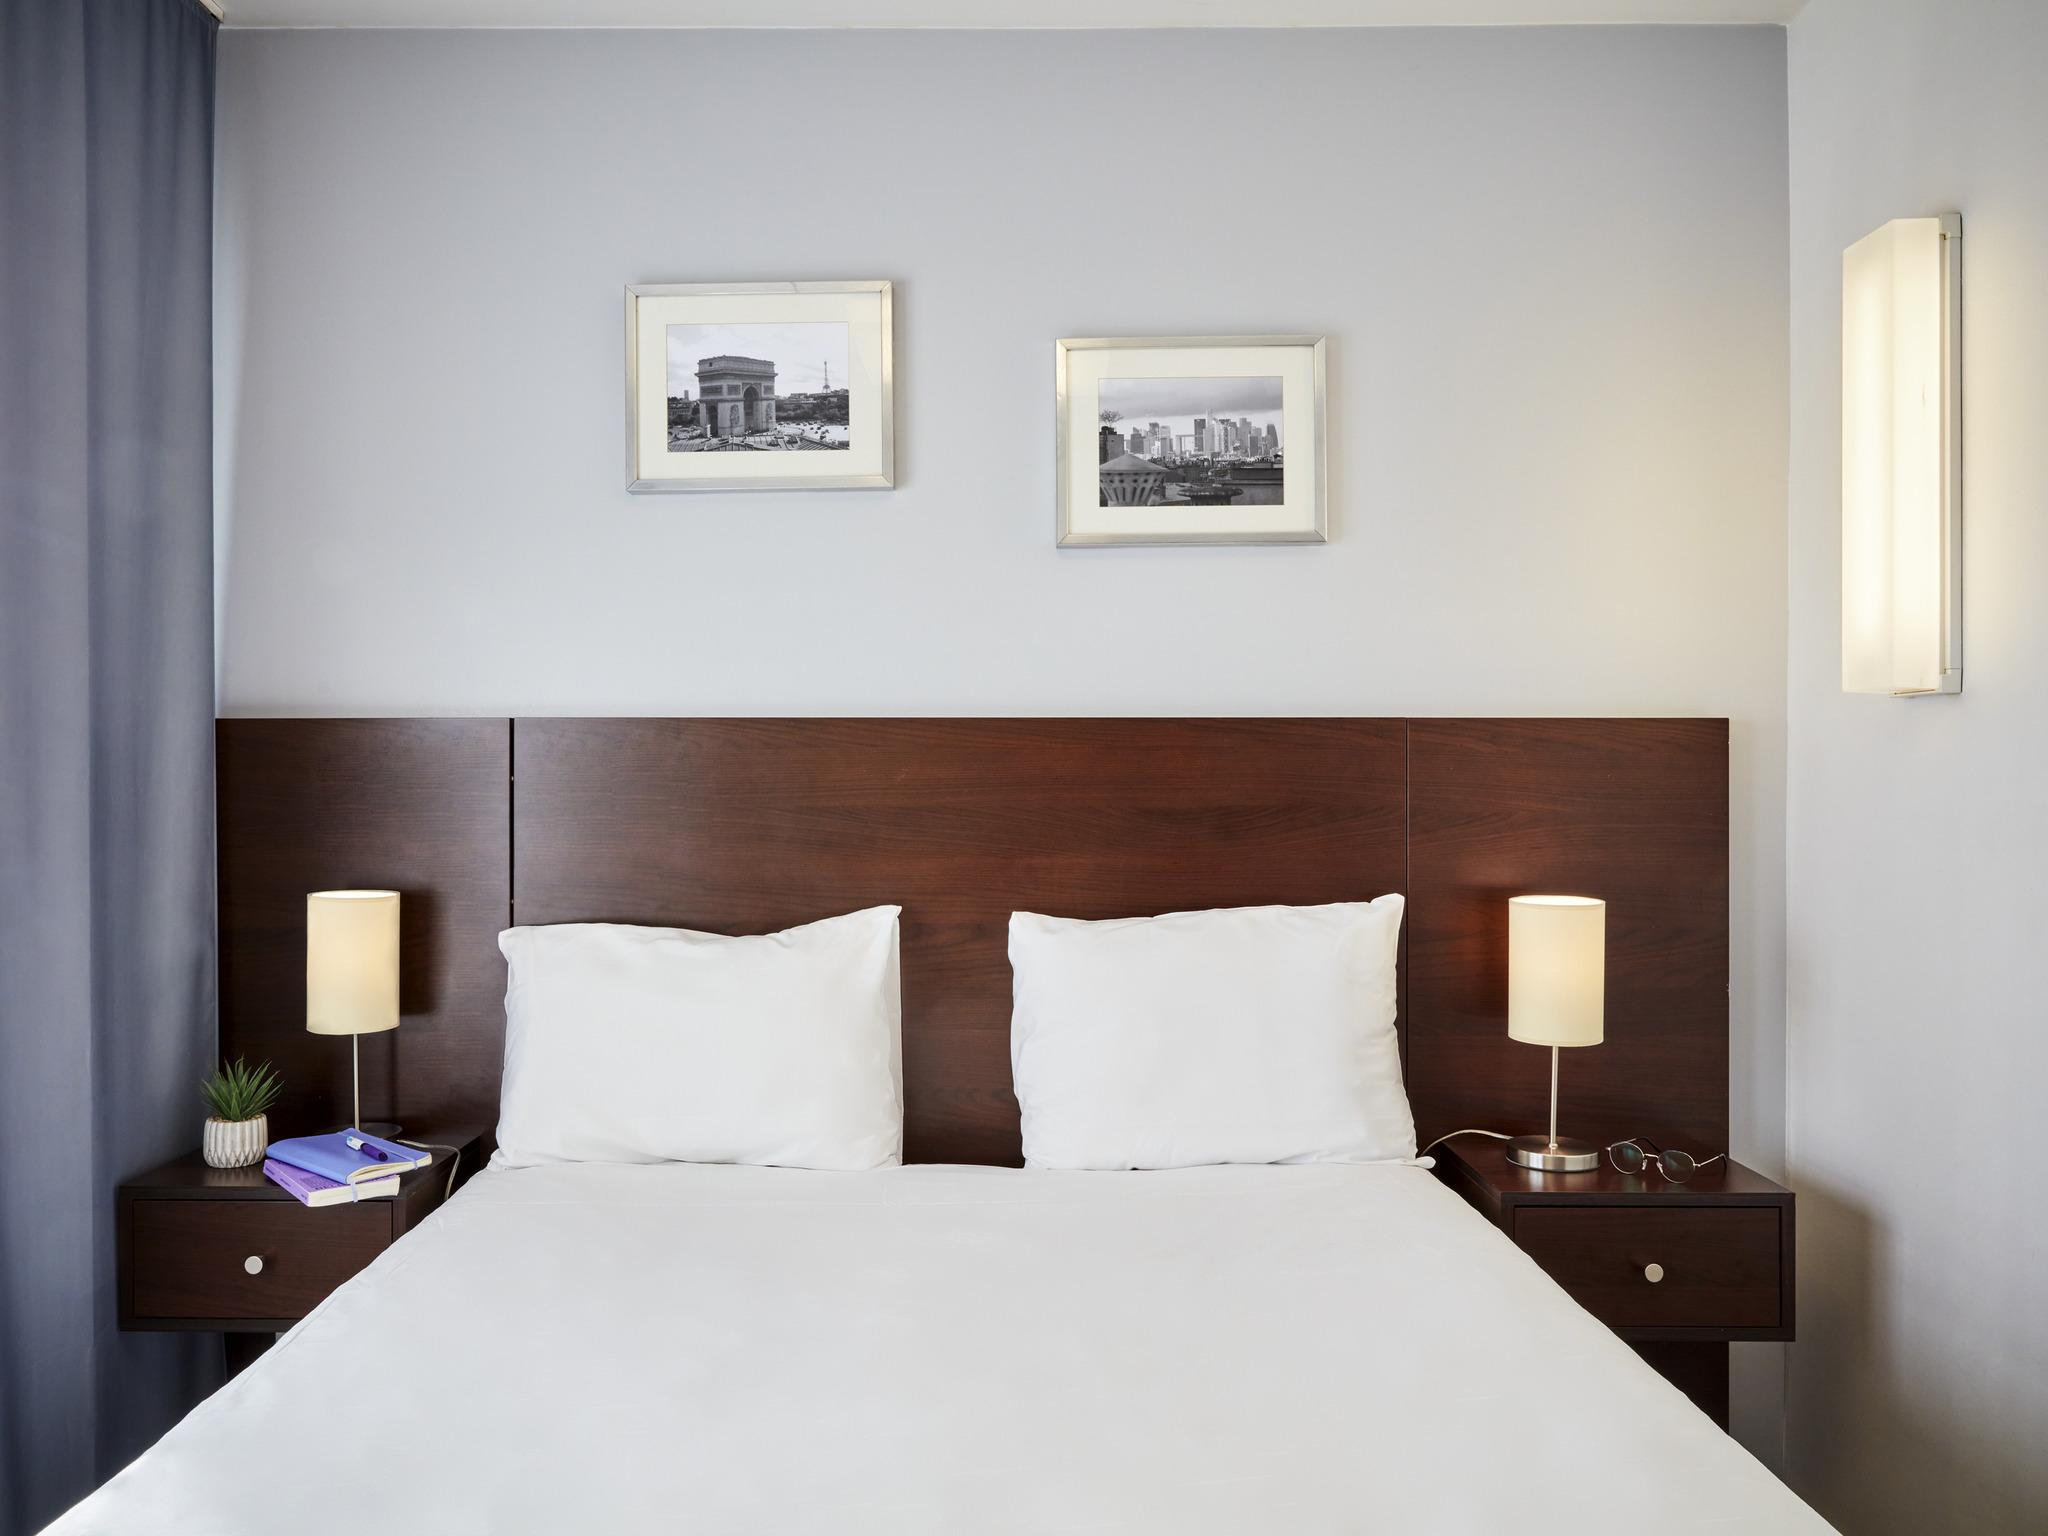 ホテル – アパートホテル アダジオアクセス パリ バスティーユ